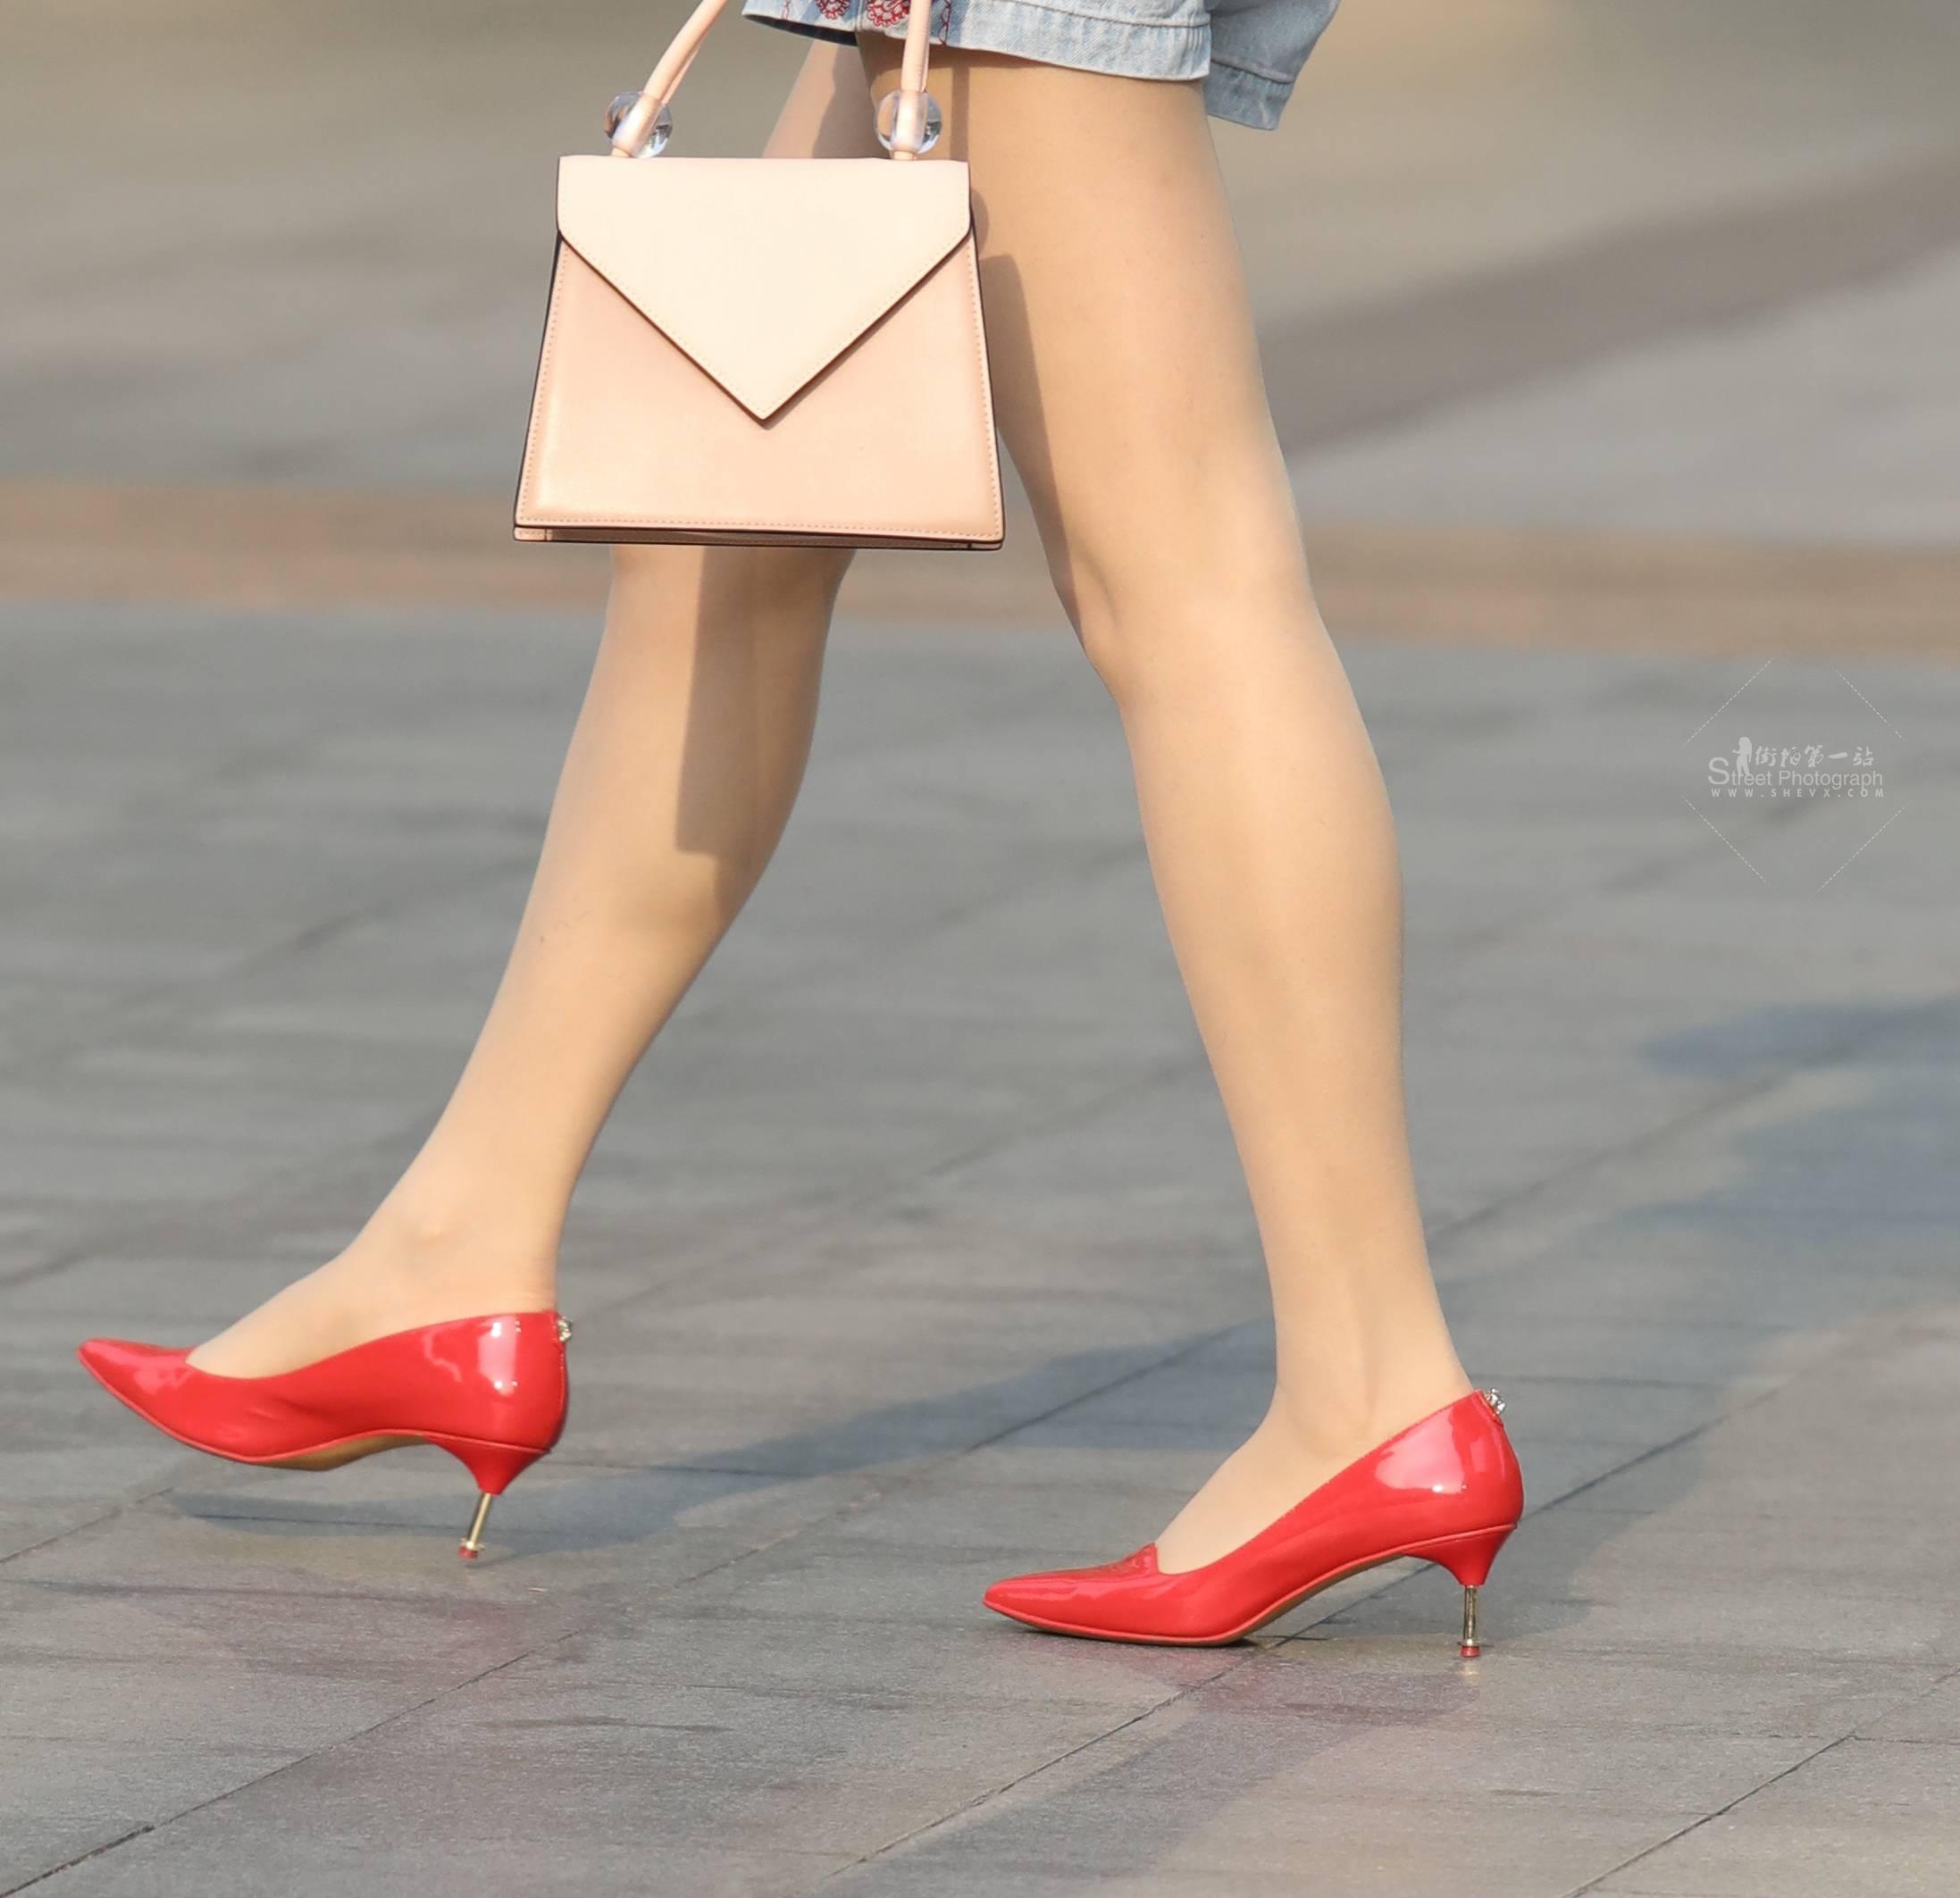 街拍高跟,街拍肉絲襪,街拍絲襪,街拍肉絲襪襪 【玨一笑而過】肉絲襪 高跟Shao Fu 最新街拍絲襪圖片 街拍絲襪第一站